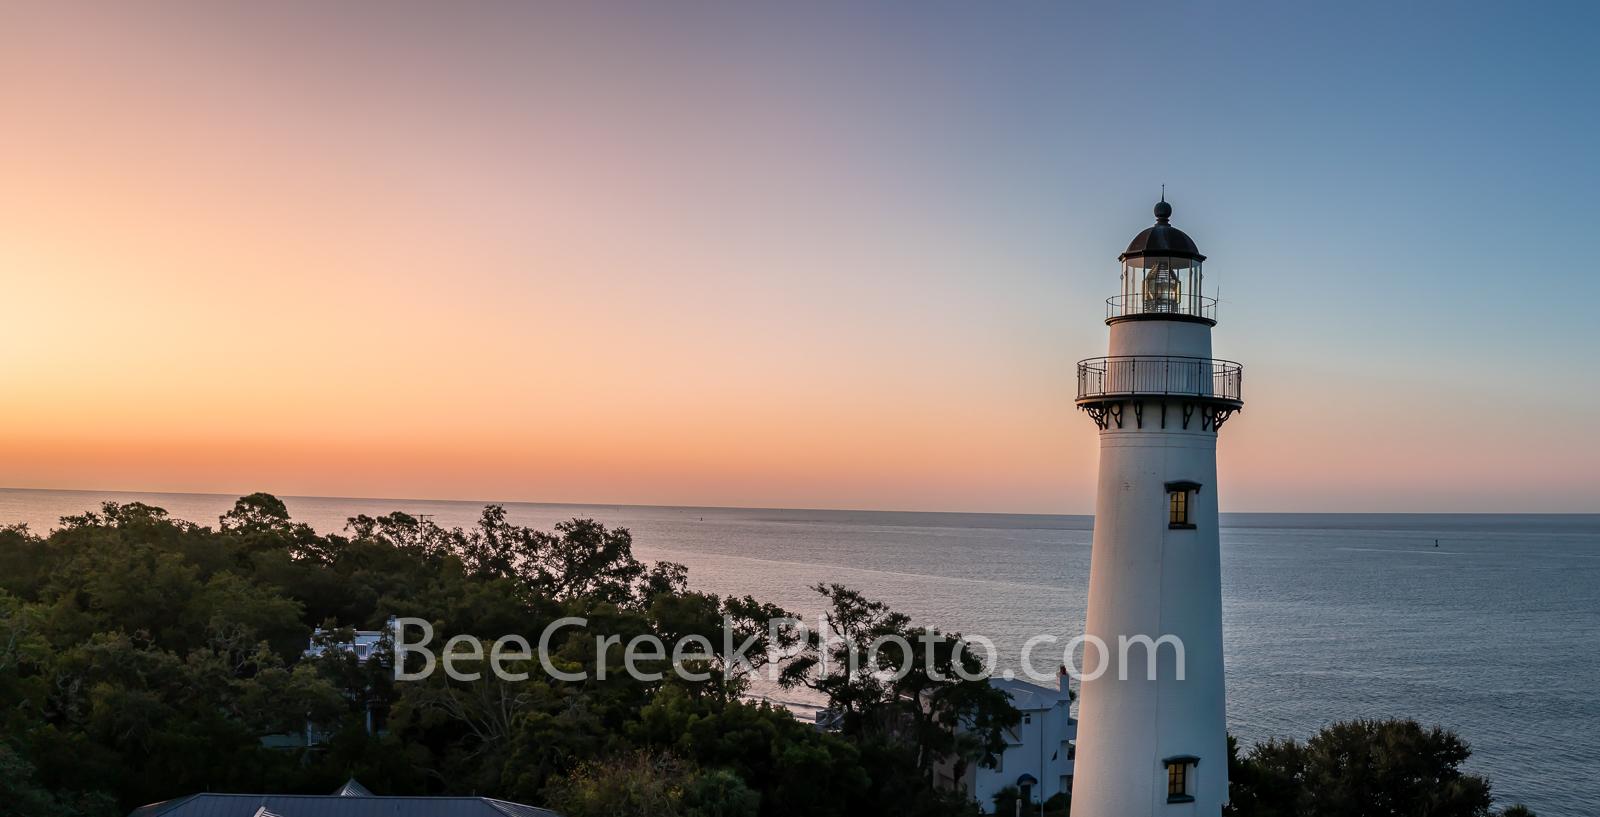 st. simon island, st. simon island lighthouse, lighthouse, sunrise, georgia, coast, ocean, alantic ocean, pano, panorama, georgia coast, coastal, golden isles barrier island, St. Simon Lighthouse